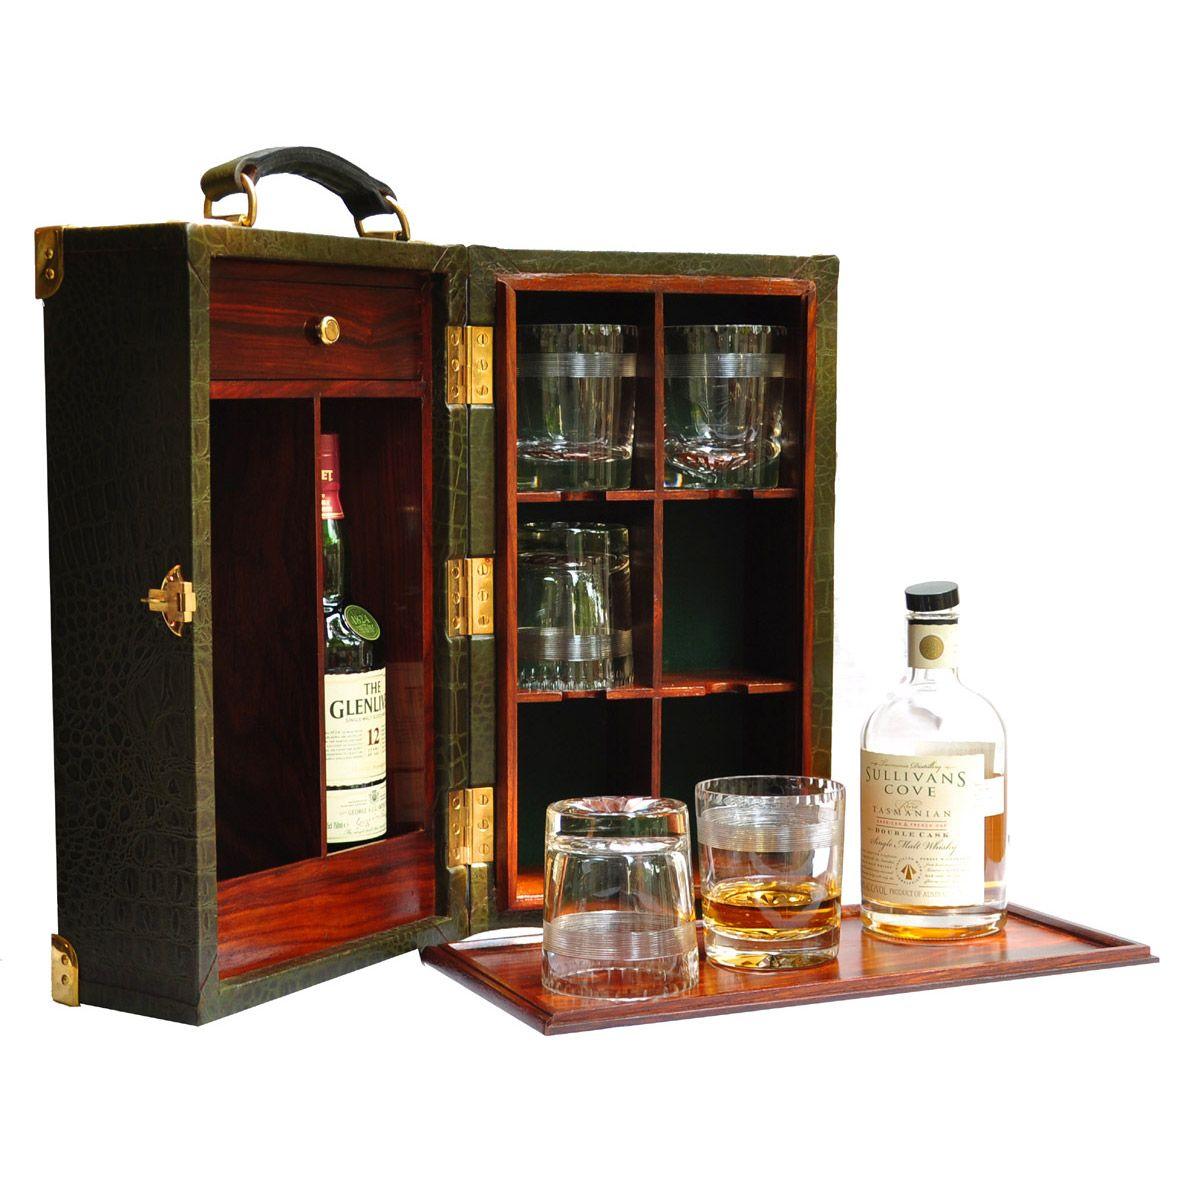 Vintage Steamer Trunk Bar Cabinet   Steamer trunk, Steamers and Bar